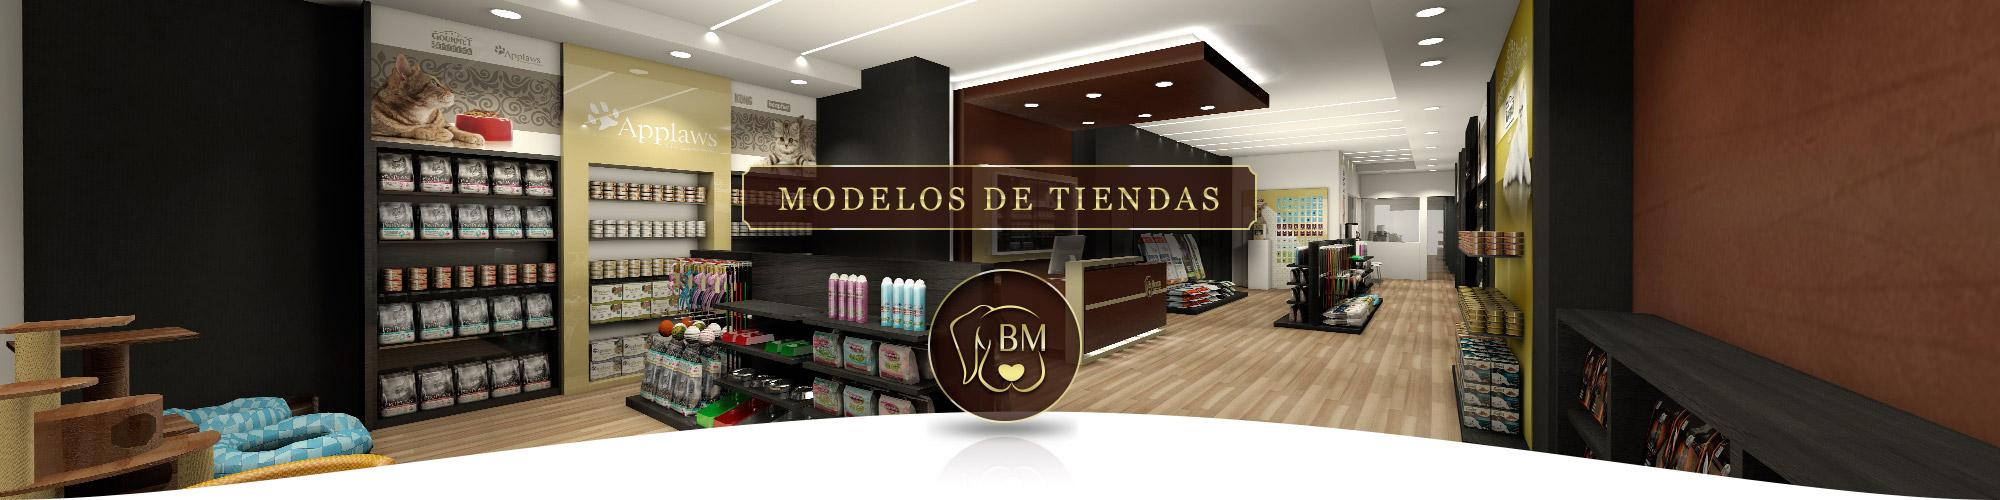 Modelo de tiendas de franquicia de mascotas by mascota